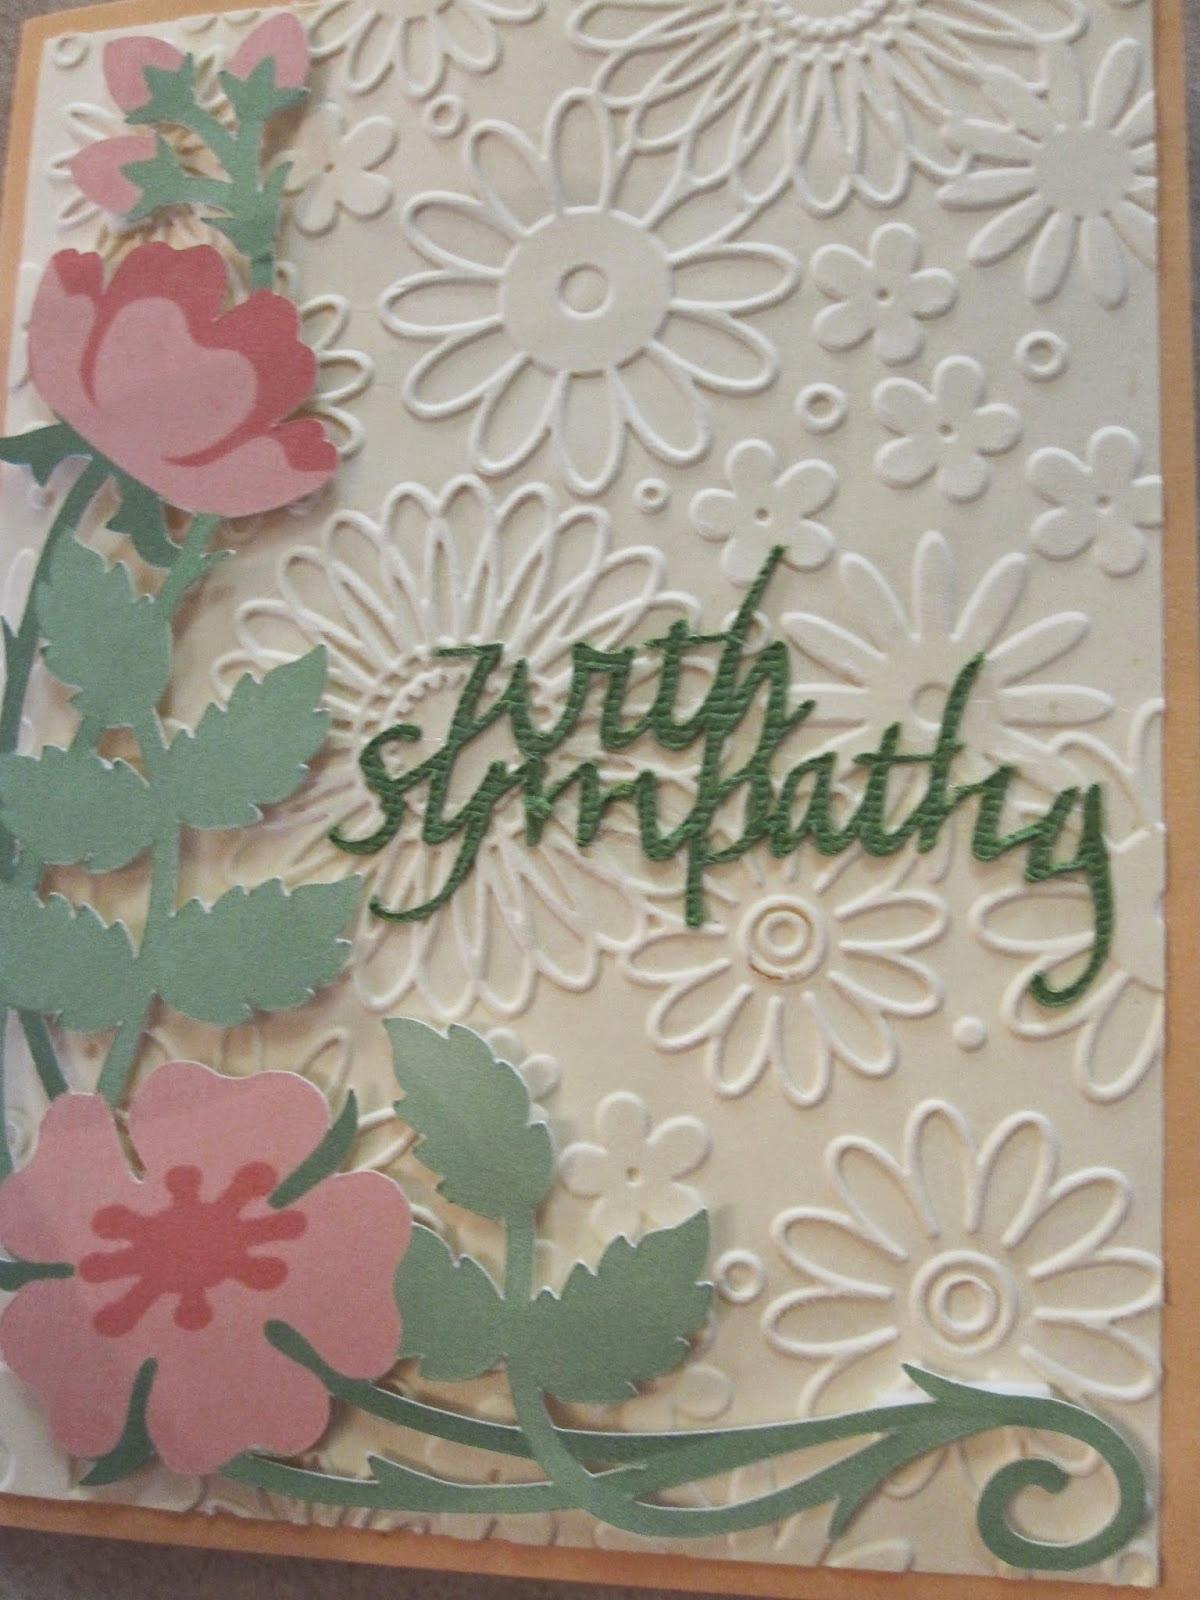 Print Out Sympathy Cards Unique She S A Sassy Lady Quick Sympathy Card Cricut Explore